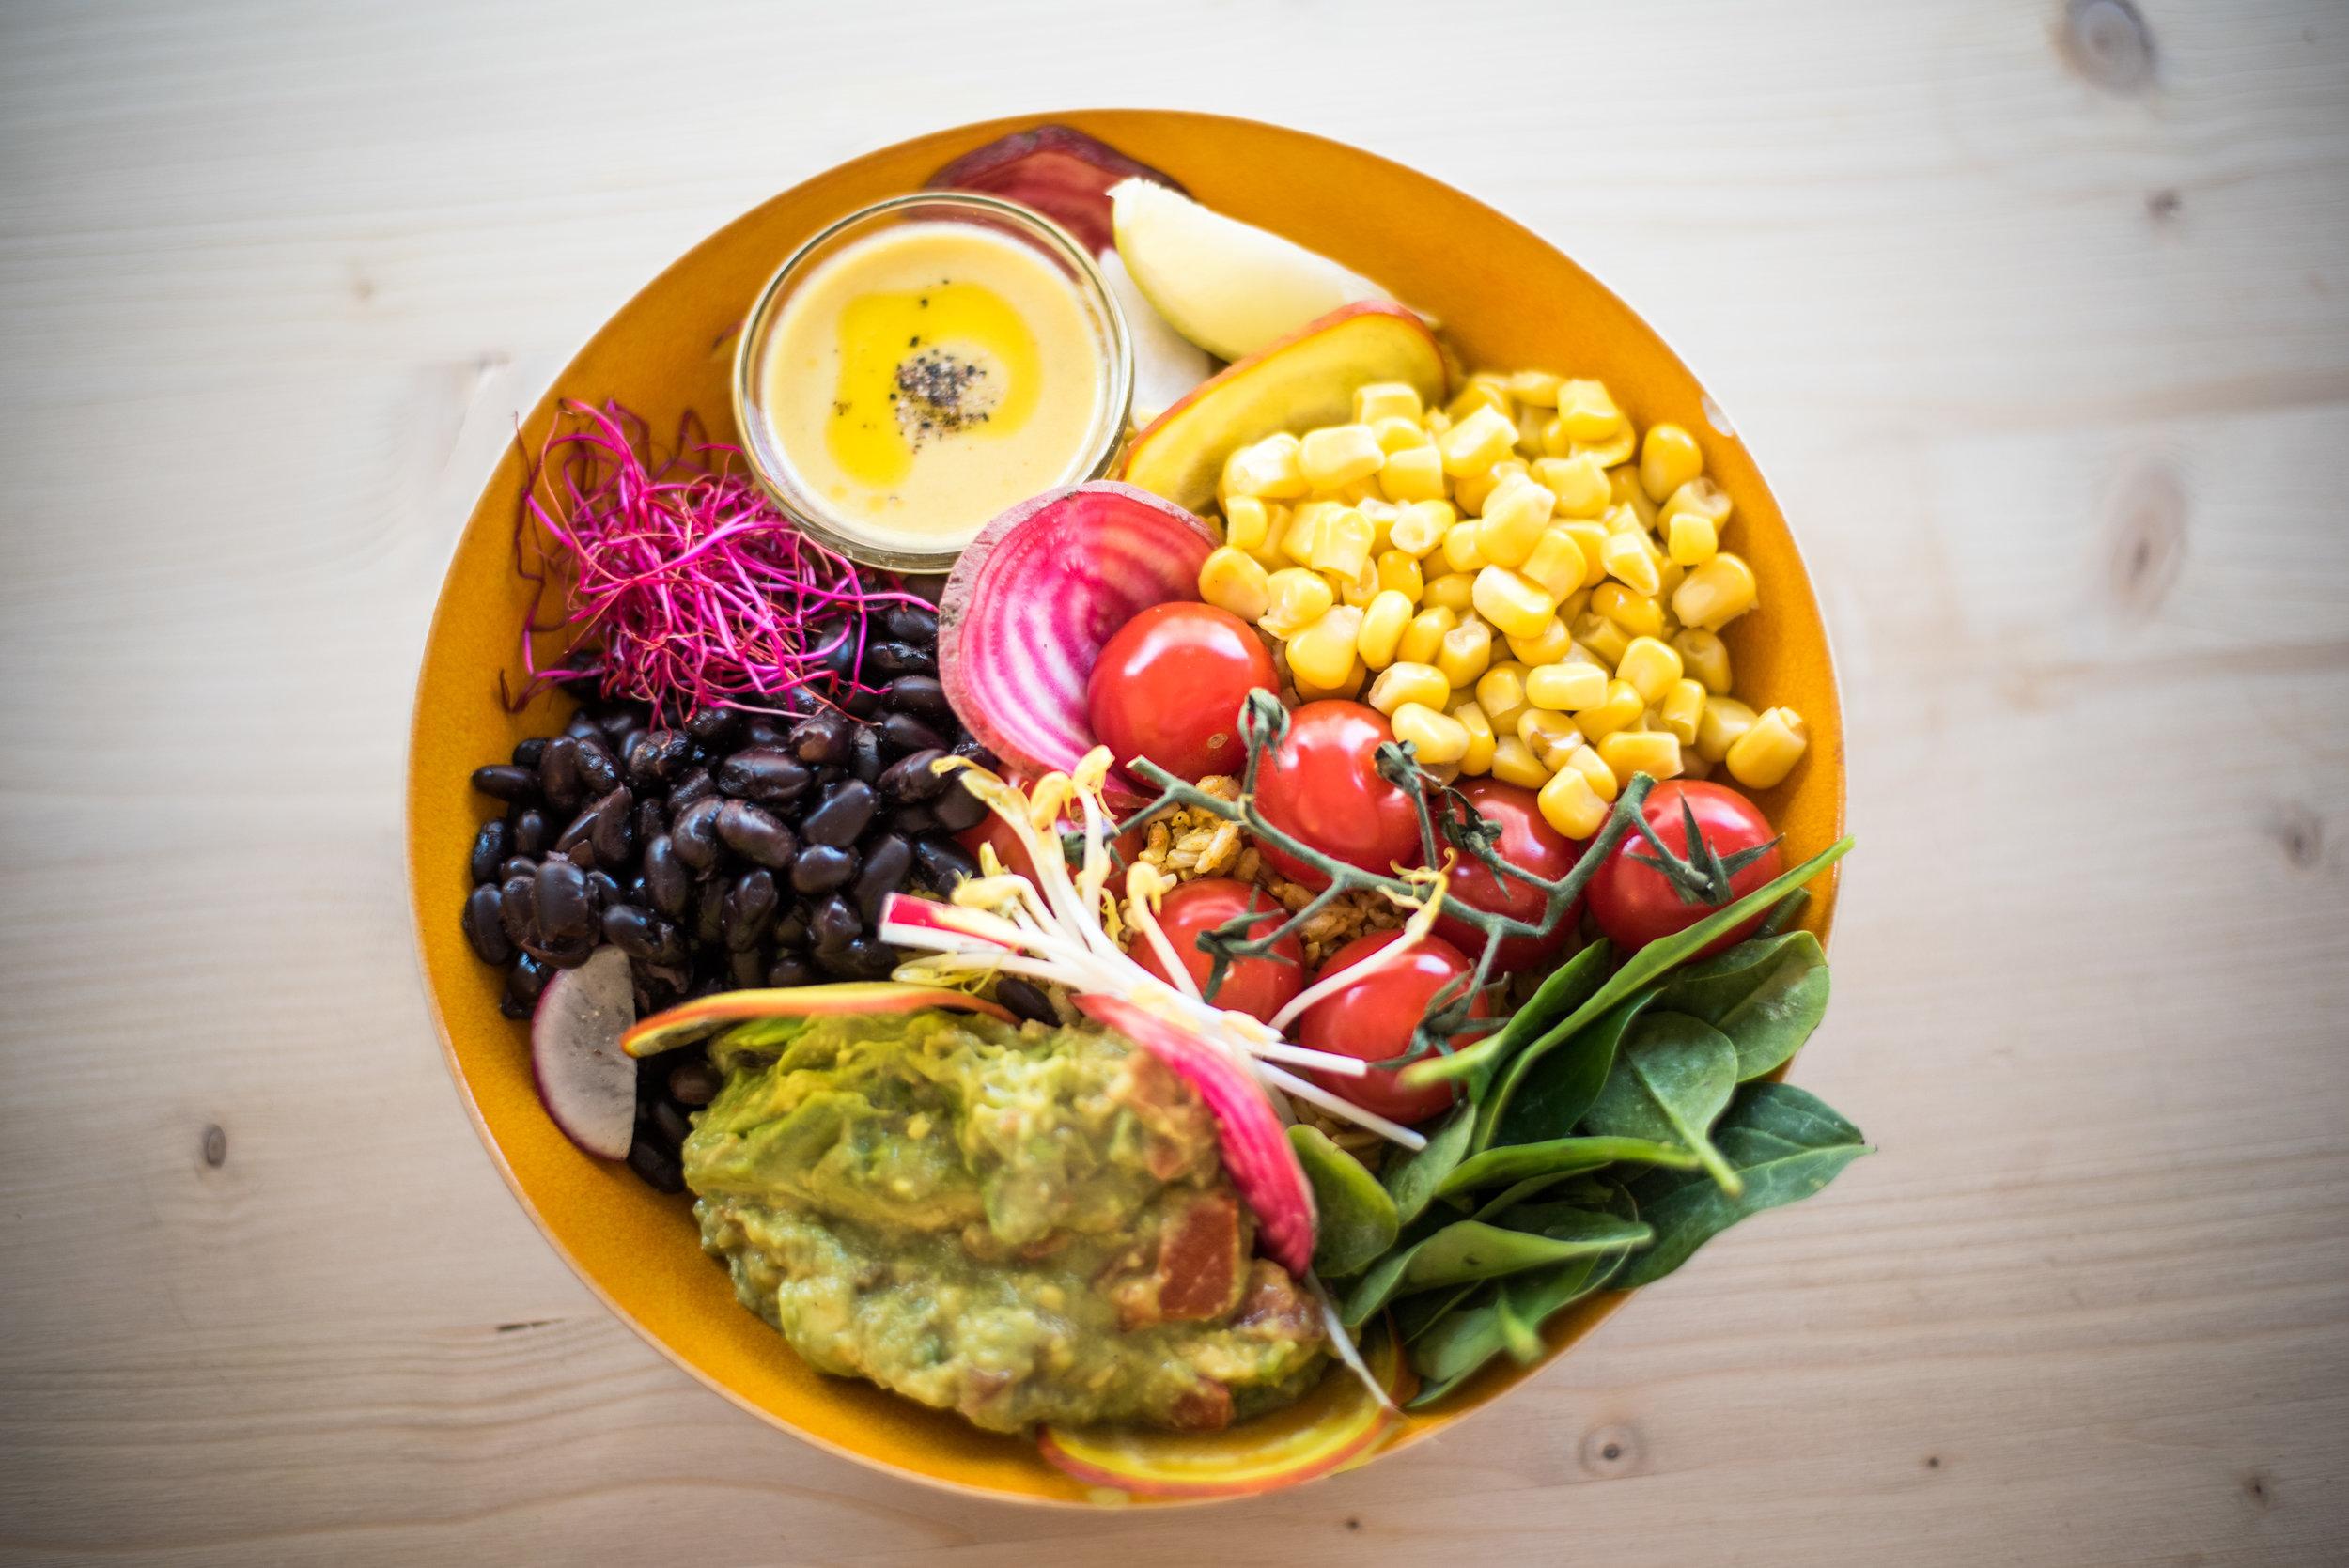 - Bij Feel Good houden we van puur en écht eten, uit de natuur. Dus geen chemische toevoegingen in de vorm van E-nummers en geraffineerde suikers. Maar pure, onbewerkte producten, zoals groenten en fruit, noten, peulvruchten, zaden, granen en spelt. Volwaardige voeding waar je lijf blij van wordt.Onze ingrediënten worden dagelijks vers geleverd en bereid. Hierdoor kunnen we goed rekening houden met bepaalde wensen en allergieën. Veel gerechten zijn aan te passen aan jouw wensen, vraag naar de mogelijkheden!